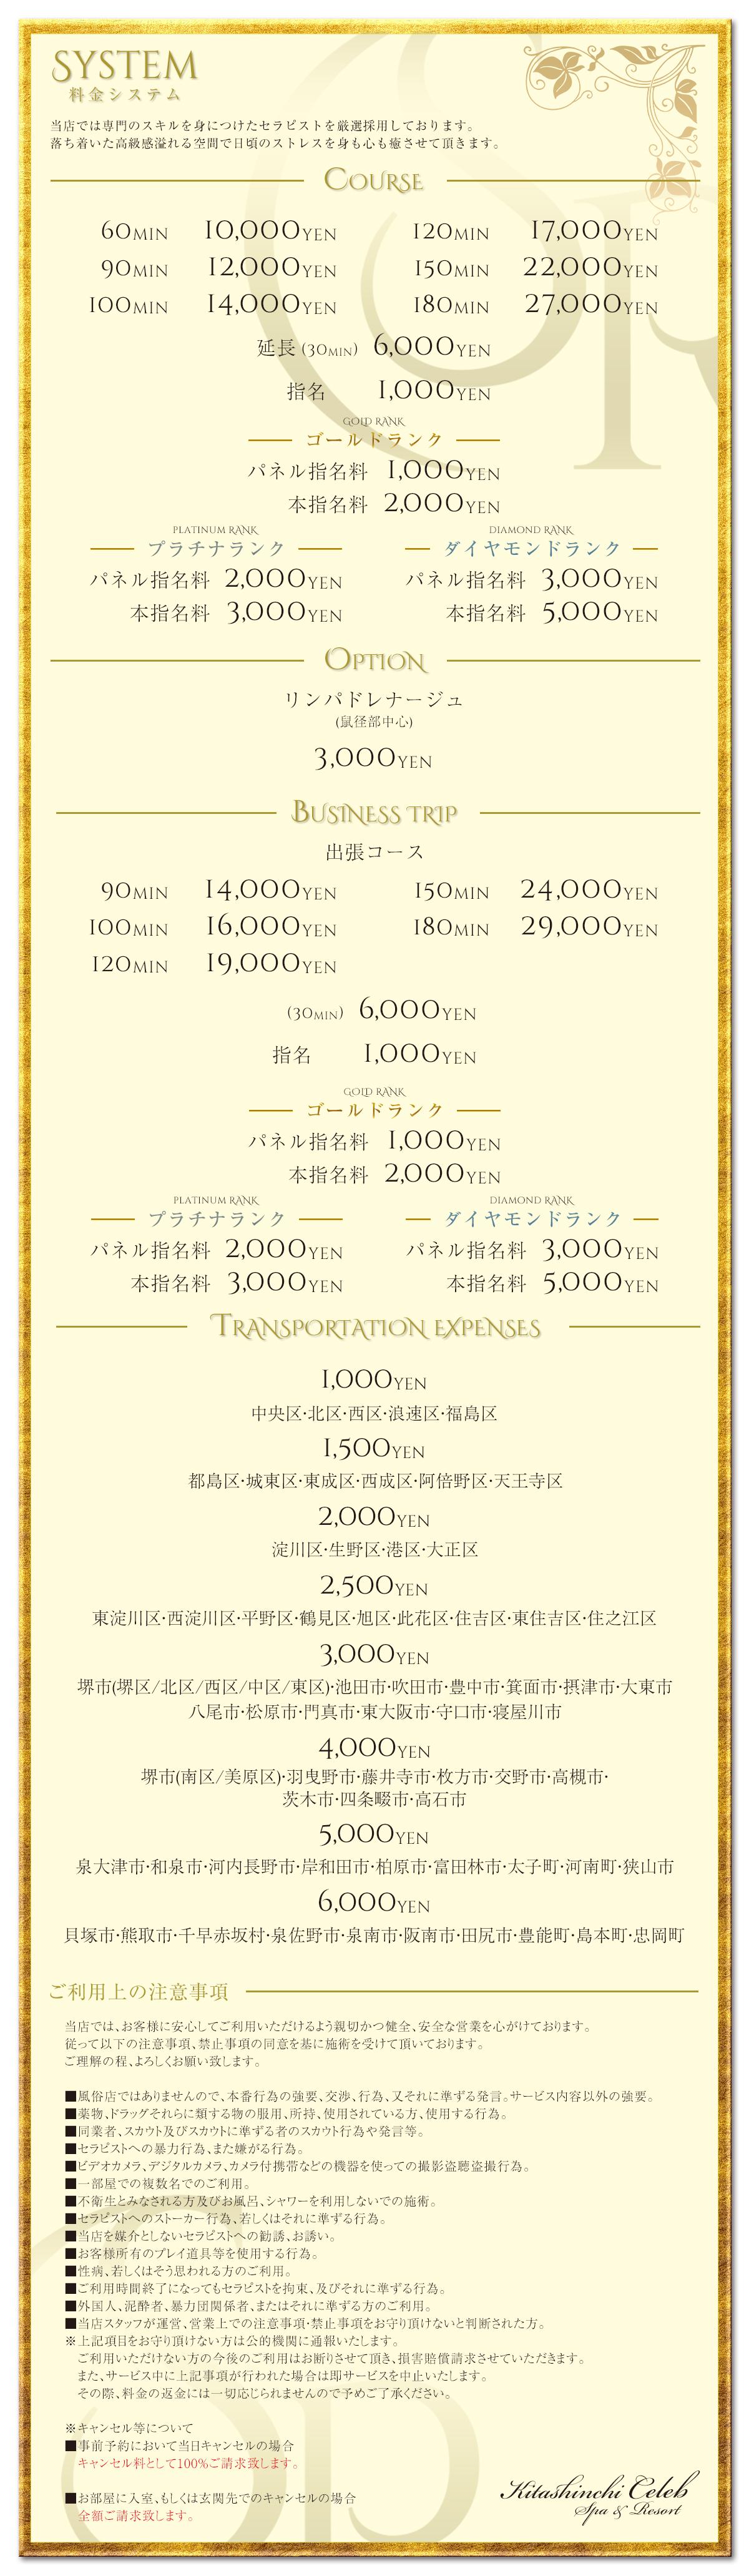 大阪、北新地にある高級メンズエステ「北新地セレブ SPA&RESORT」